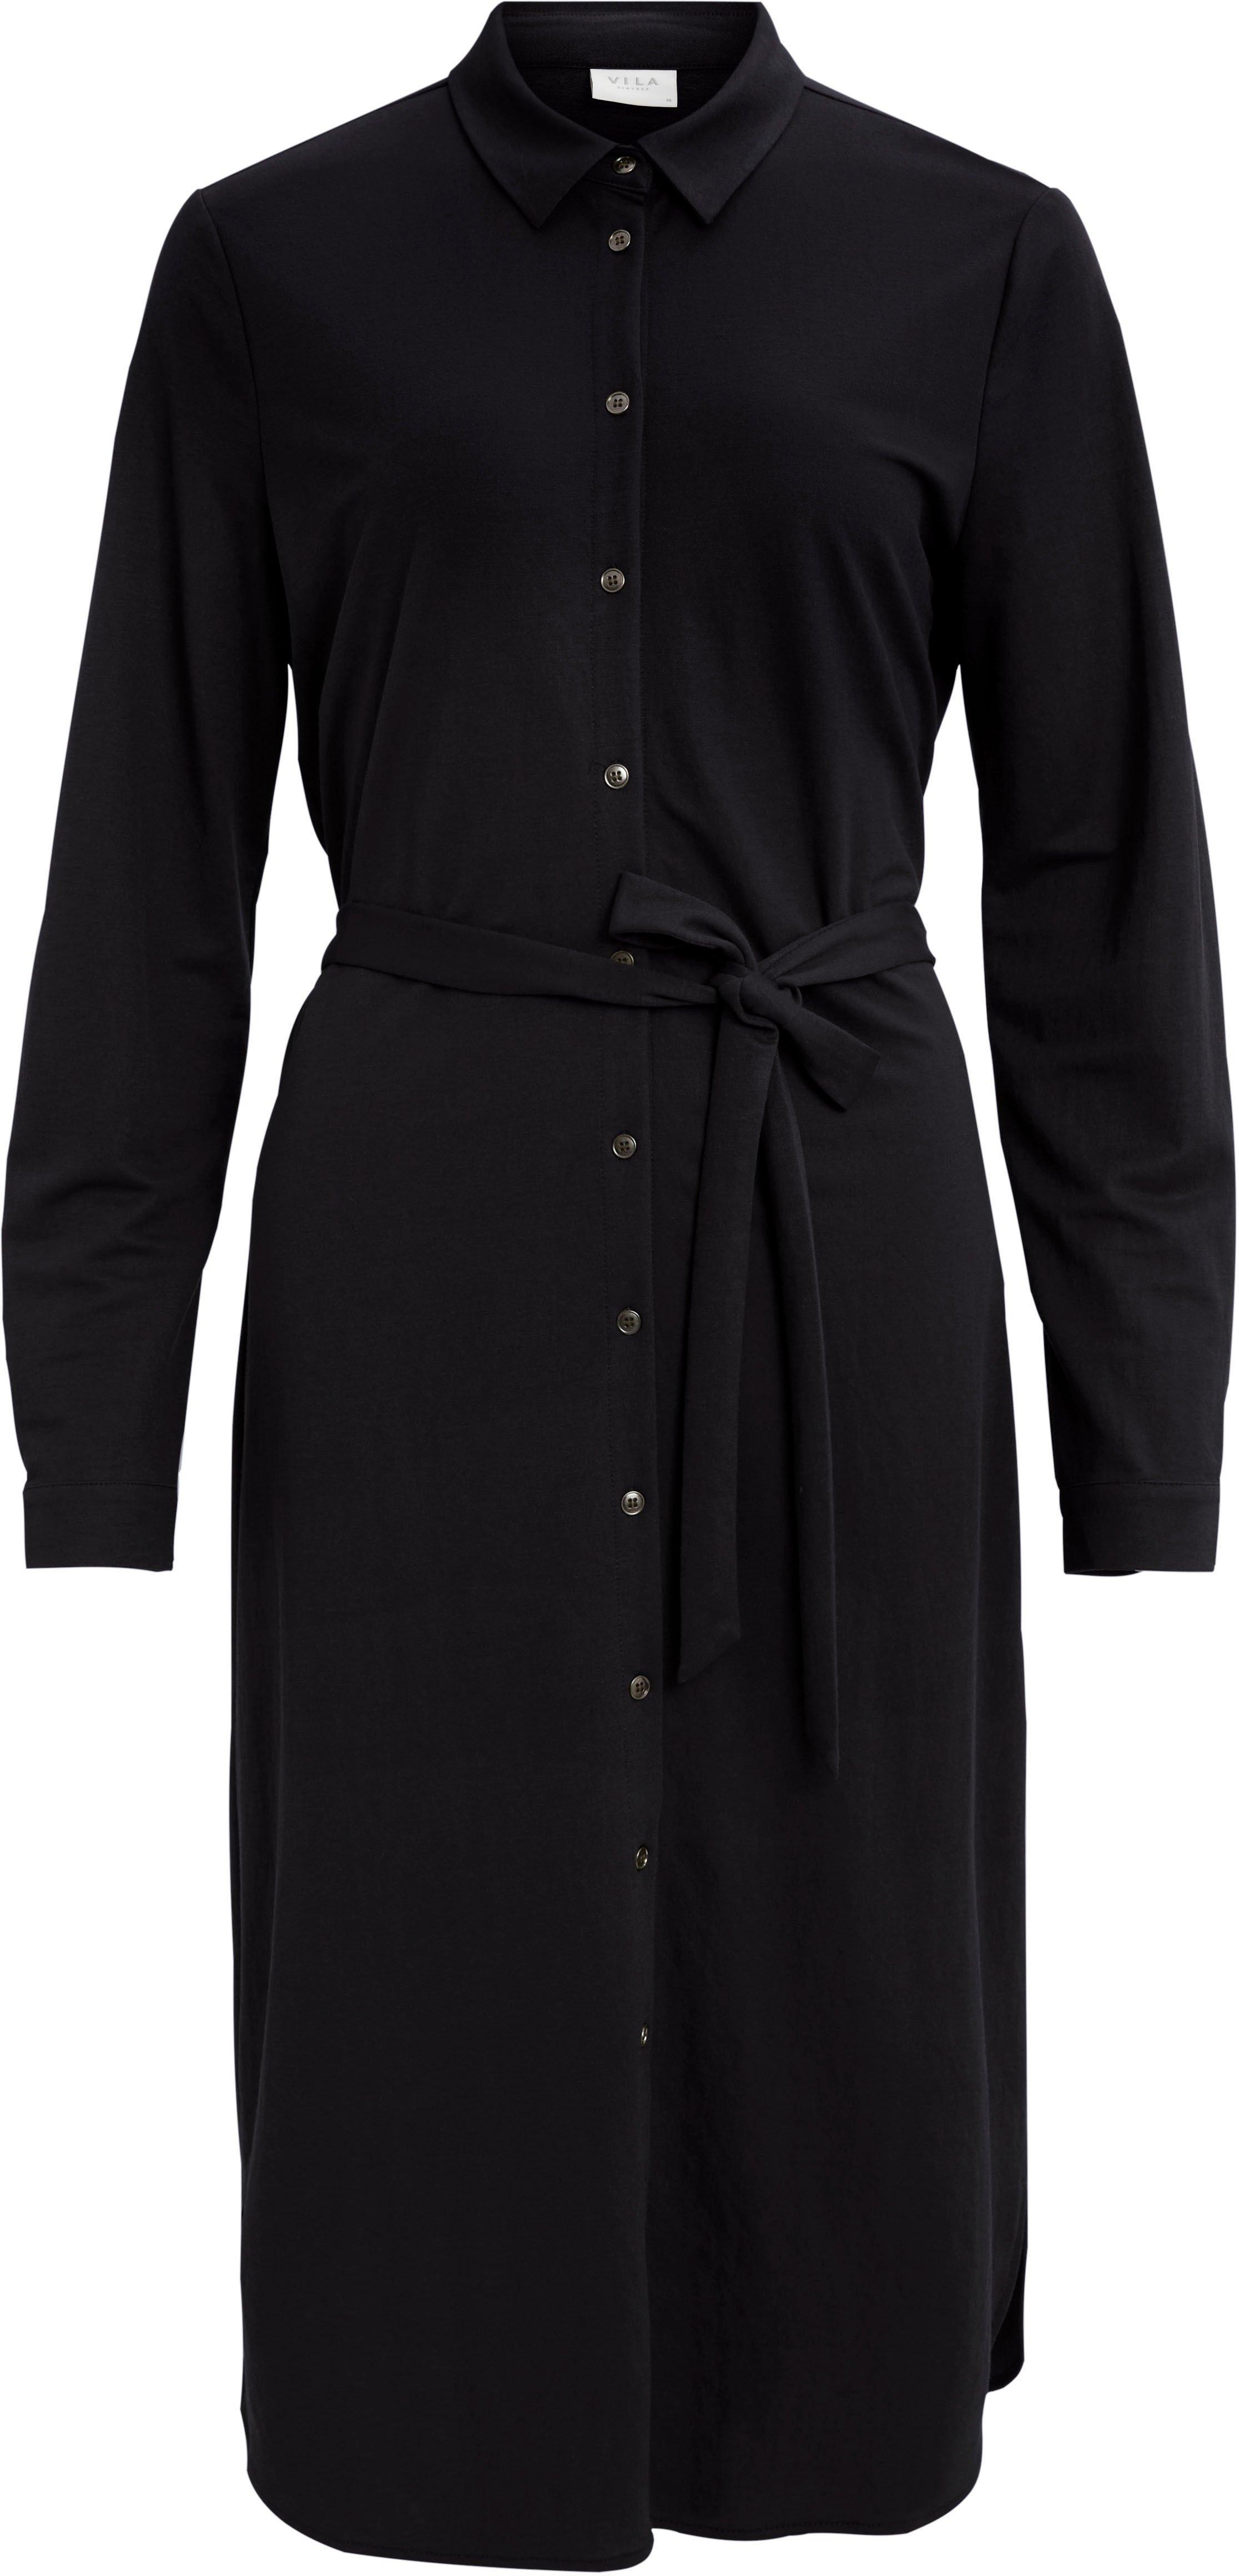 VILA jurk met overhemdkraag »VISAFINA« voordelig en veilig online kopen